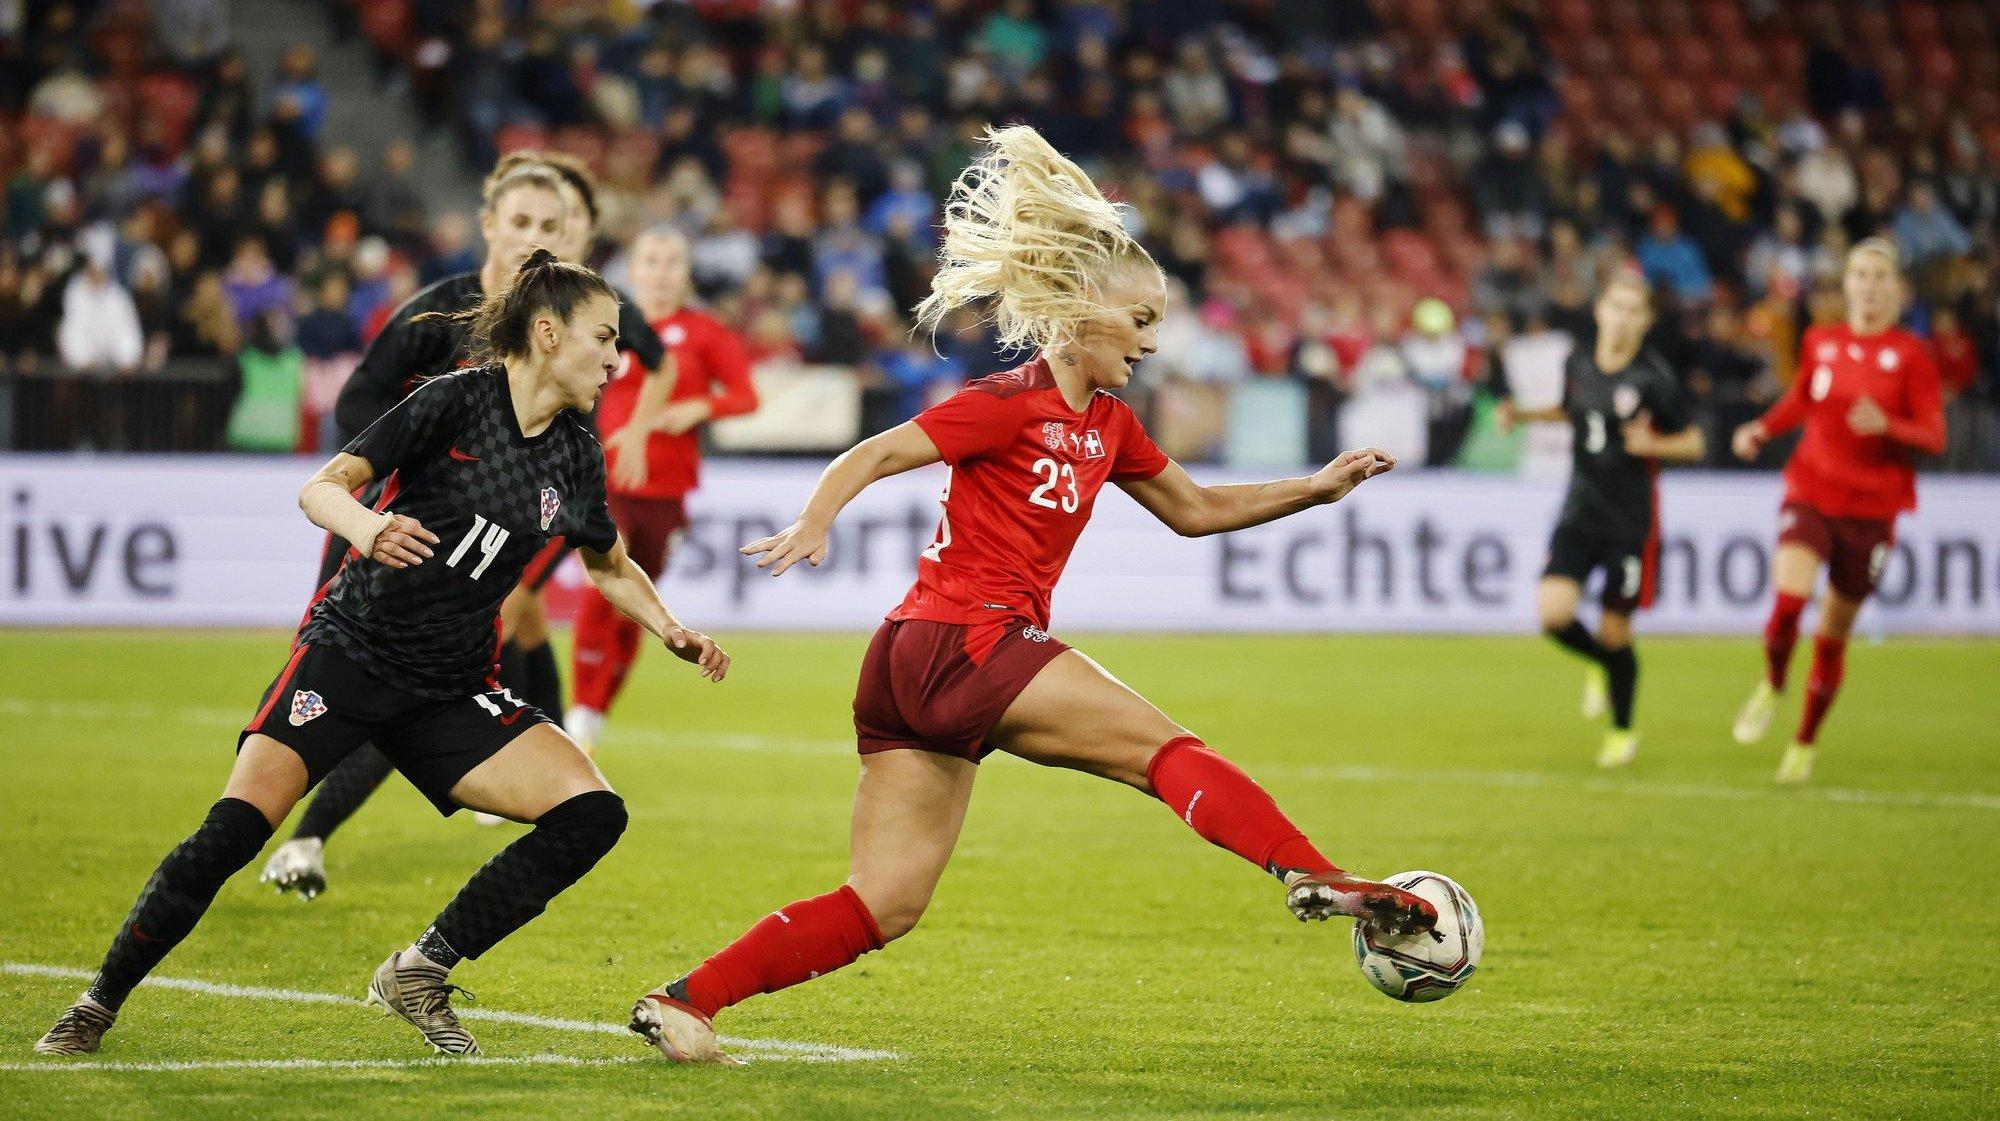 Médiatisation du football féminin: un tournant pour un sport plus égalitaire?